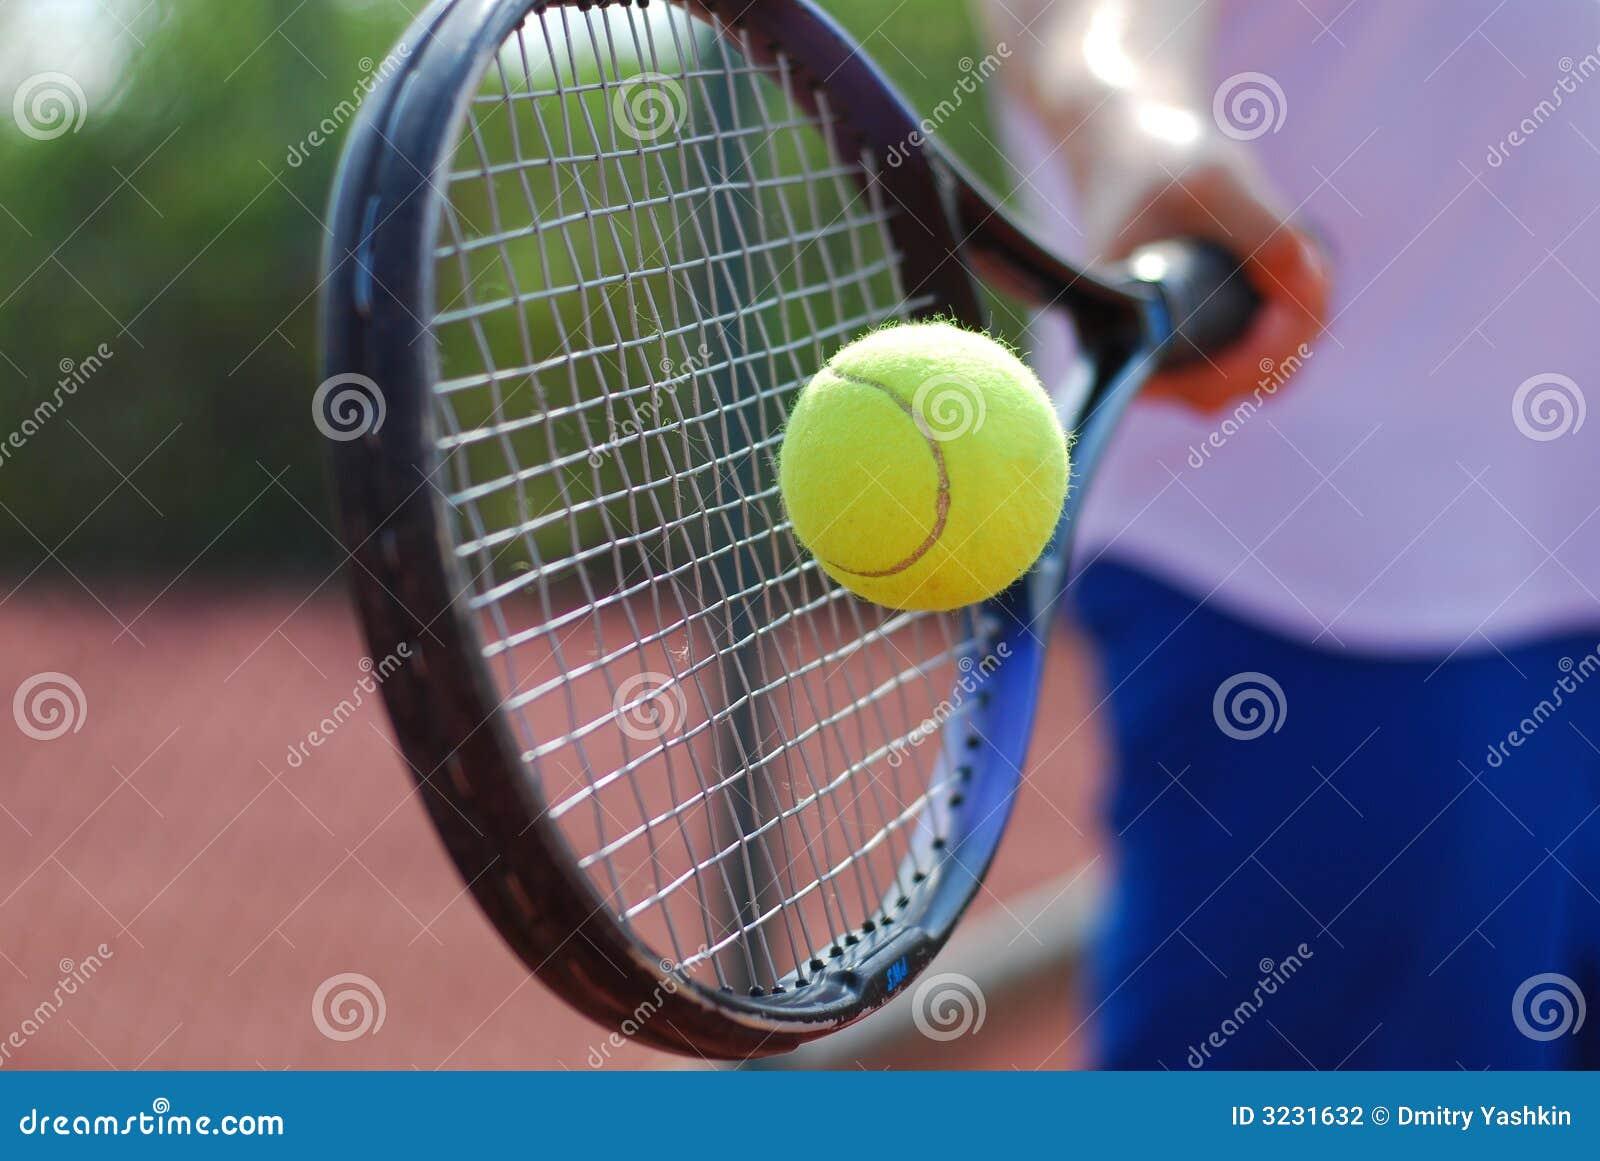 球球拍网球